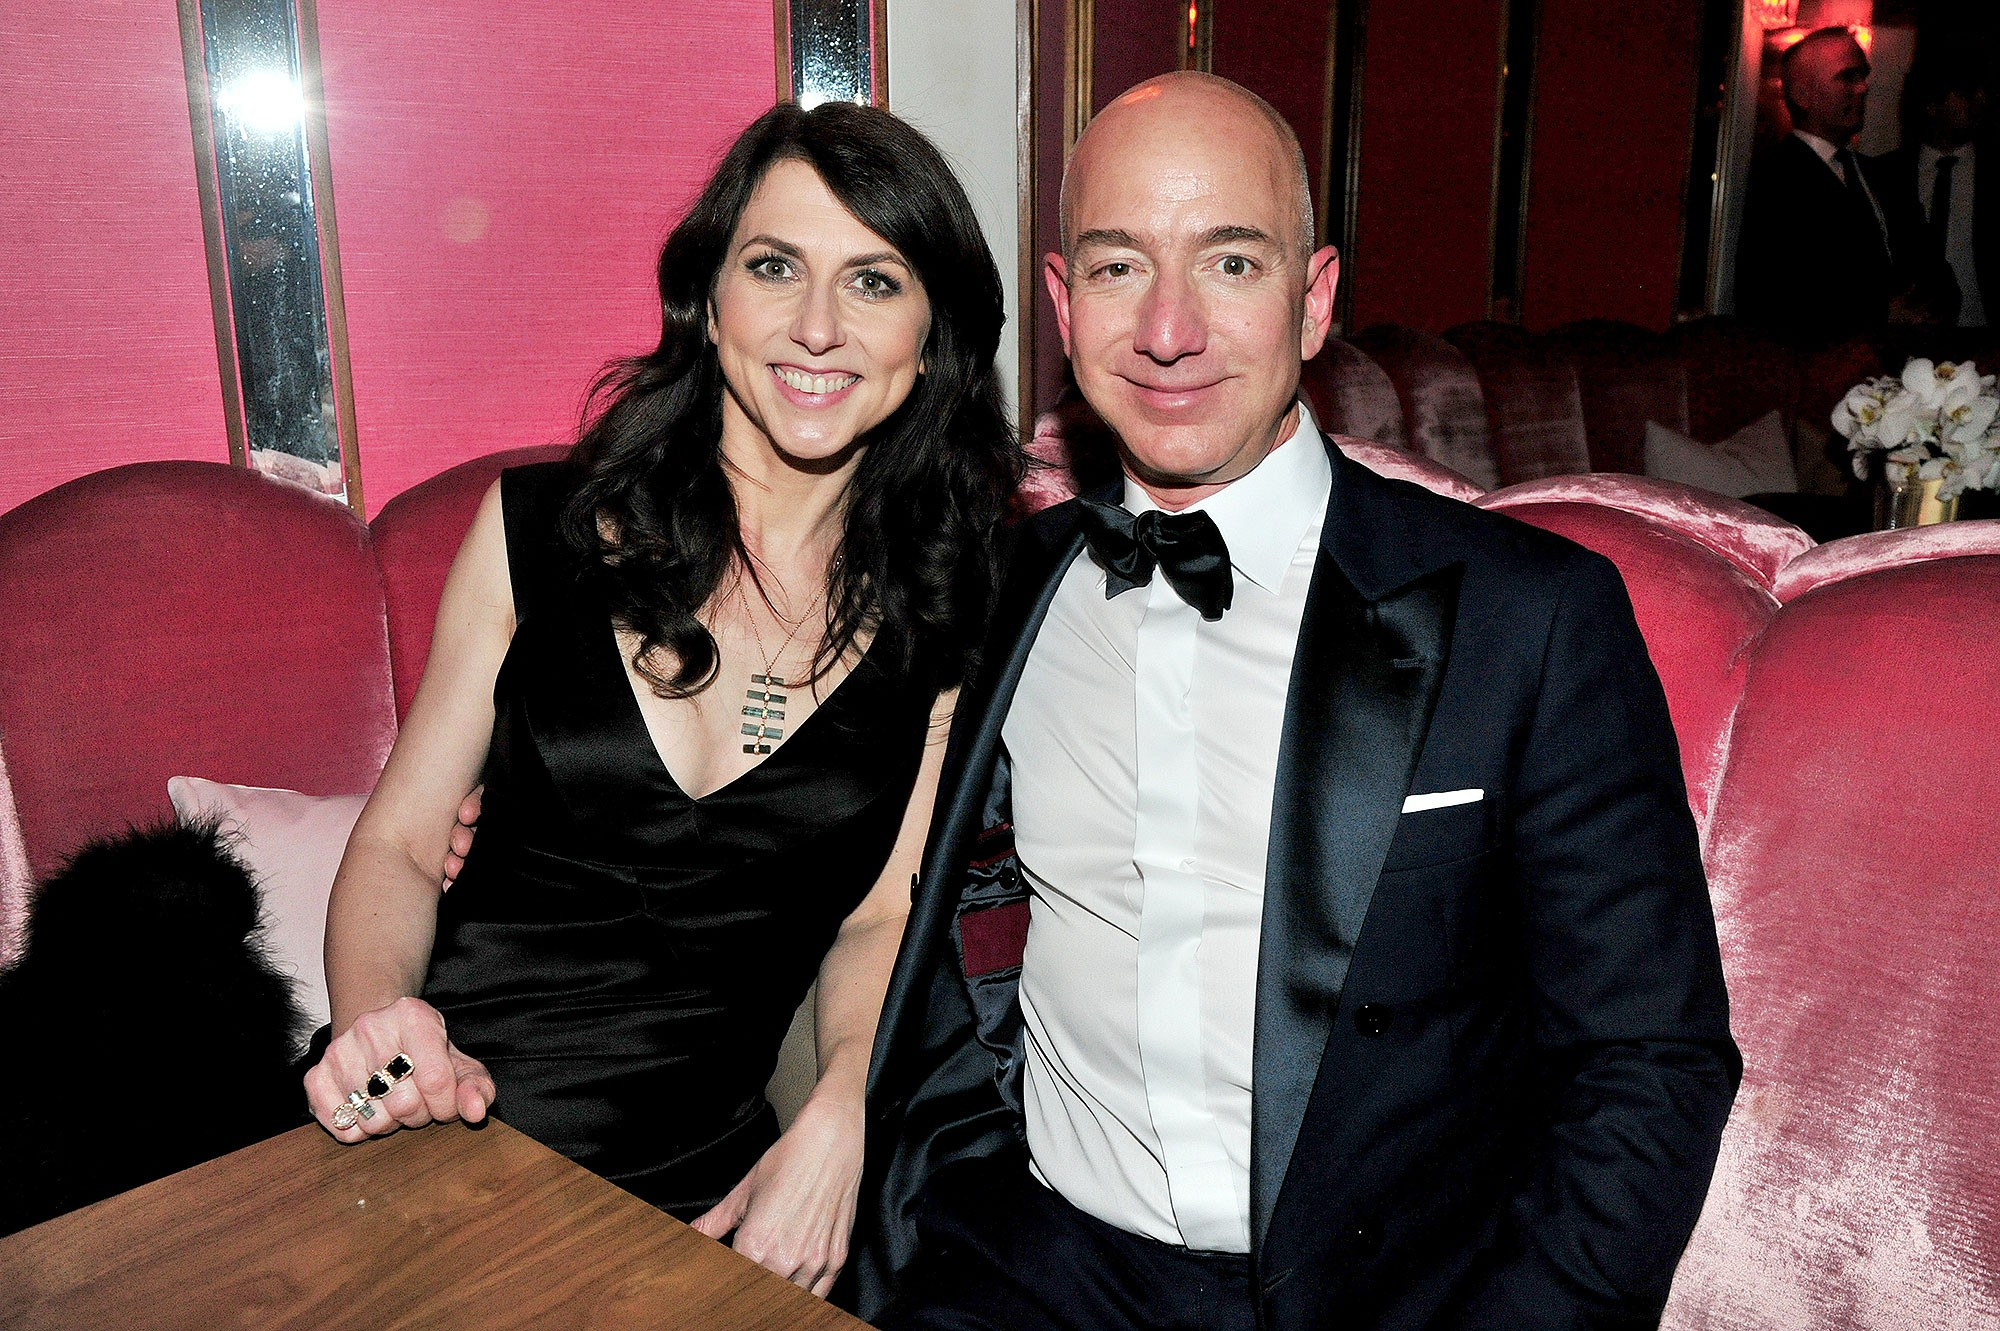 Lương duyên 25 năm của ông chủ Amazon và vợ: Chưa kịp yêu đã cưới từ thuở cơ hàn, tan vỡ trên đỉnh cao giàu sang phú quý - Ảnh 19.